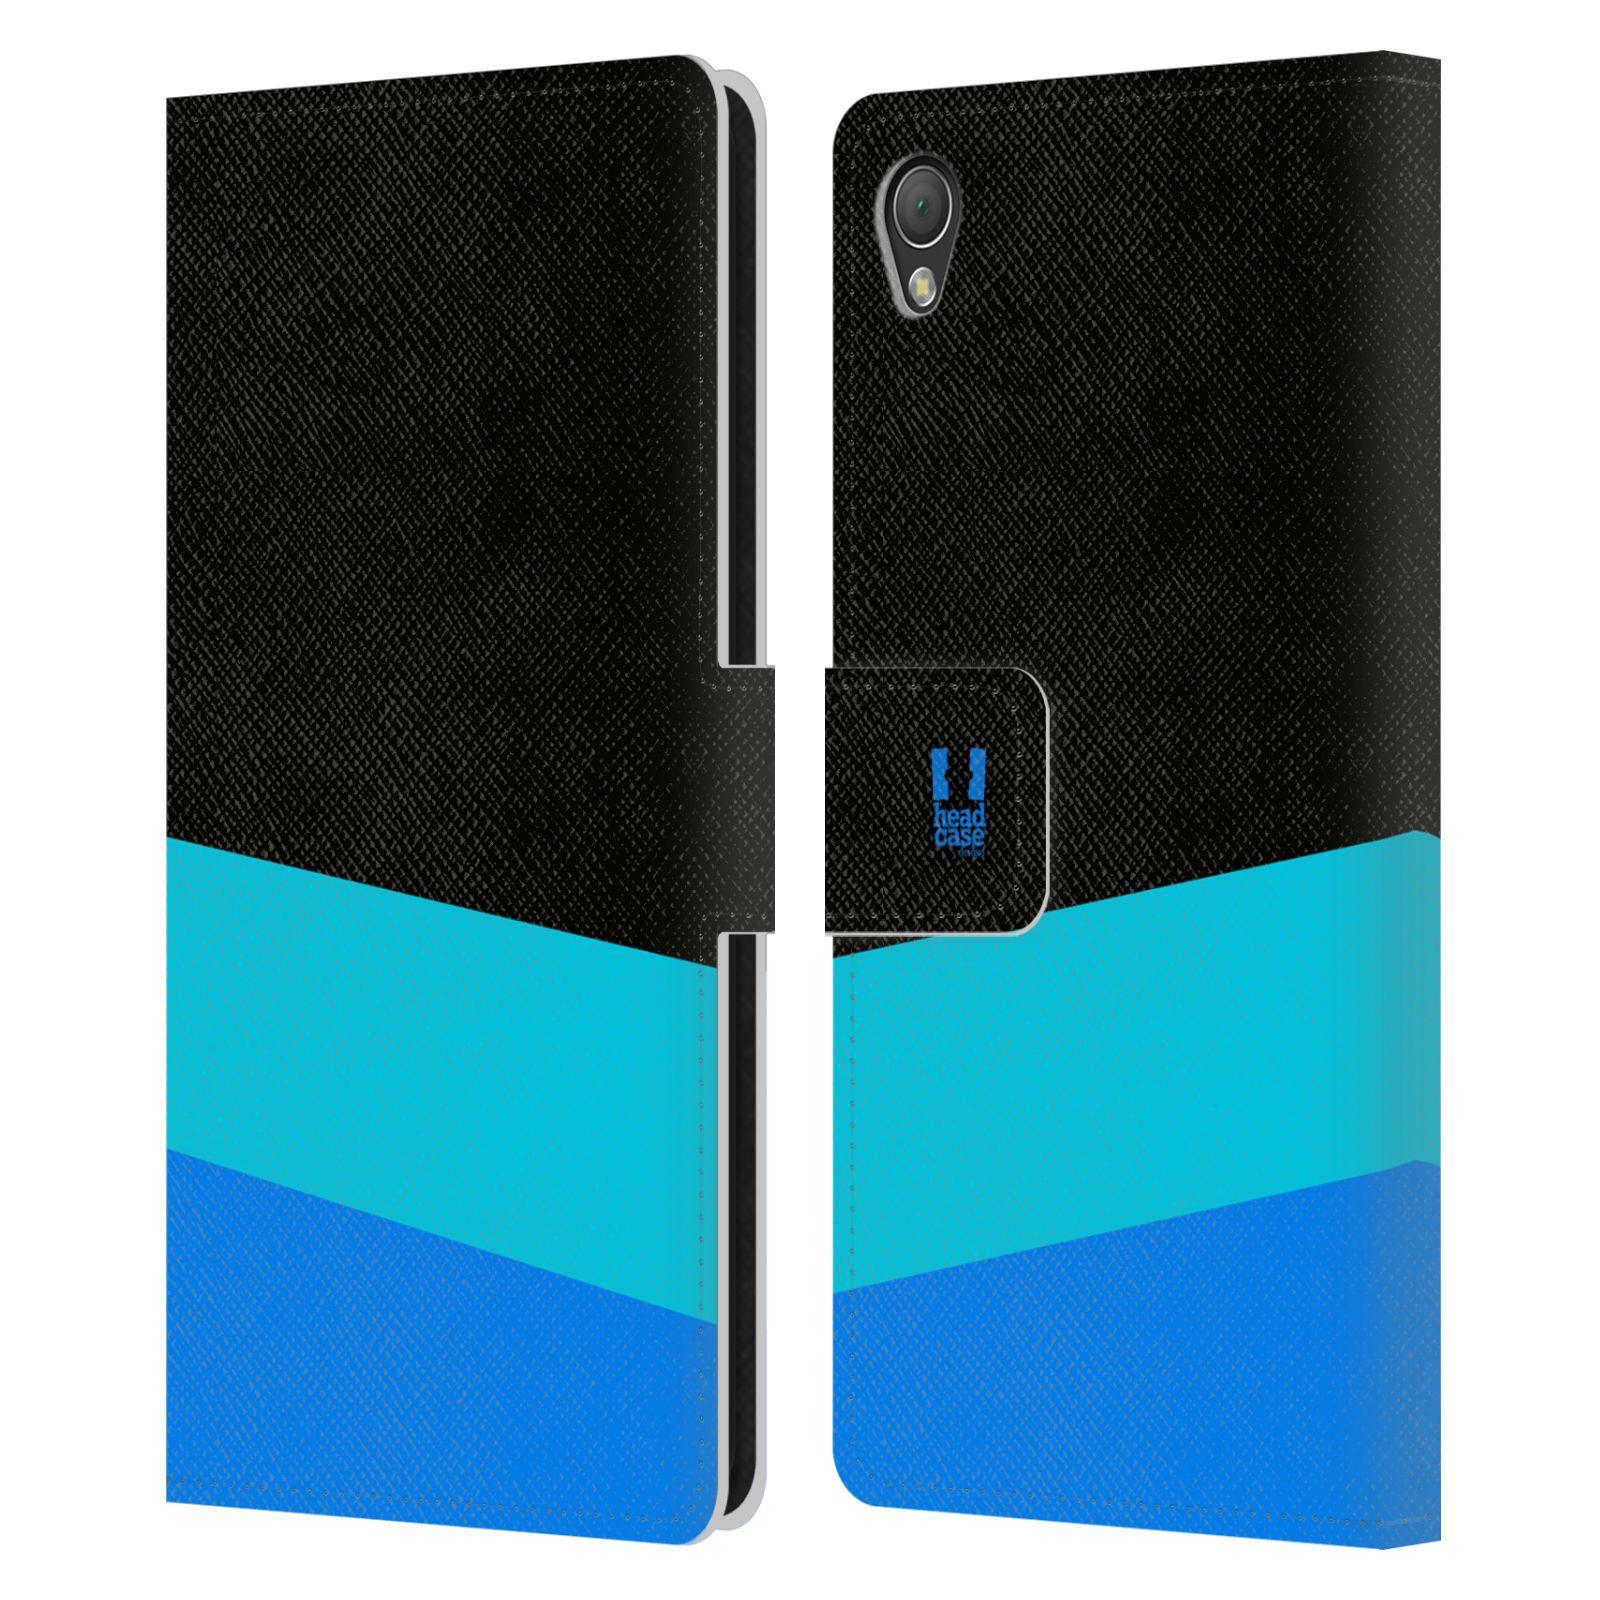 HEAD CASE Flipové pouzdro pro mobil SONY XPERIA Z3 barevné tvary modrá a černá FORMAL